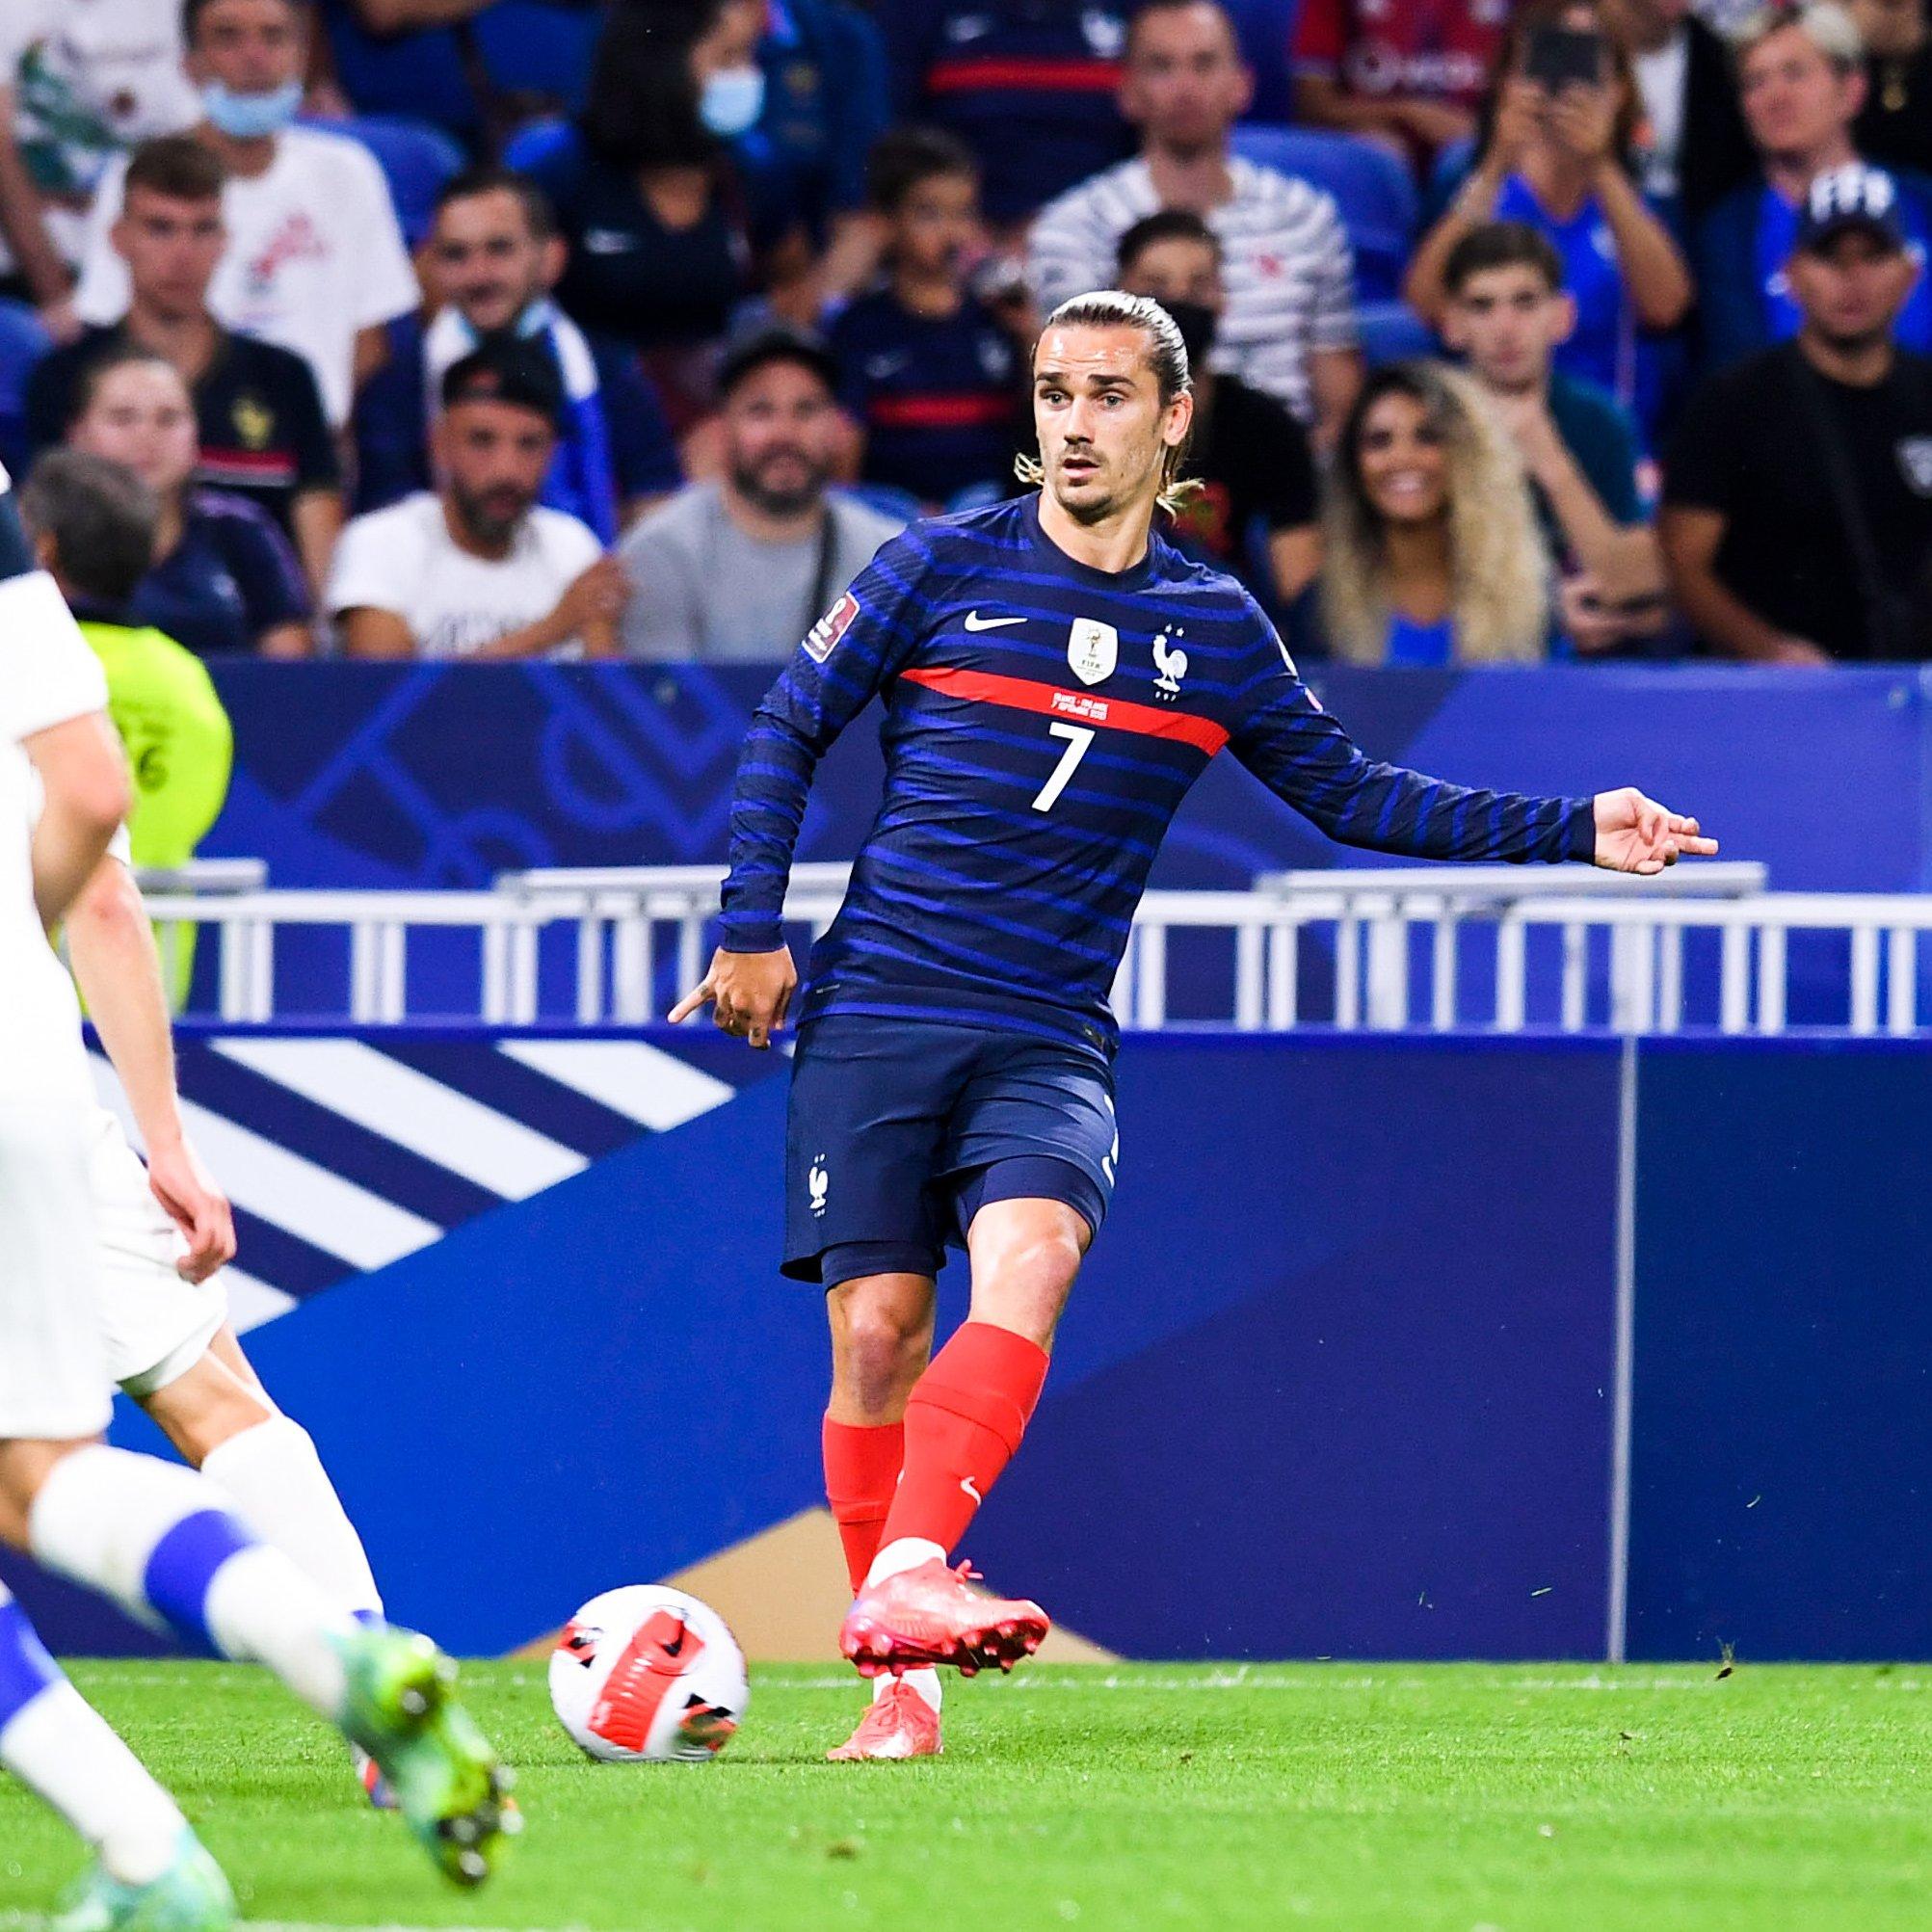 مباراة منتخب فرنسا وفنلندا في تصفيات أوروبا لمونديال كأس العالم